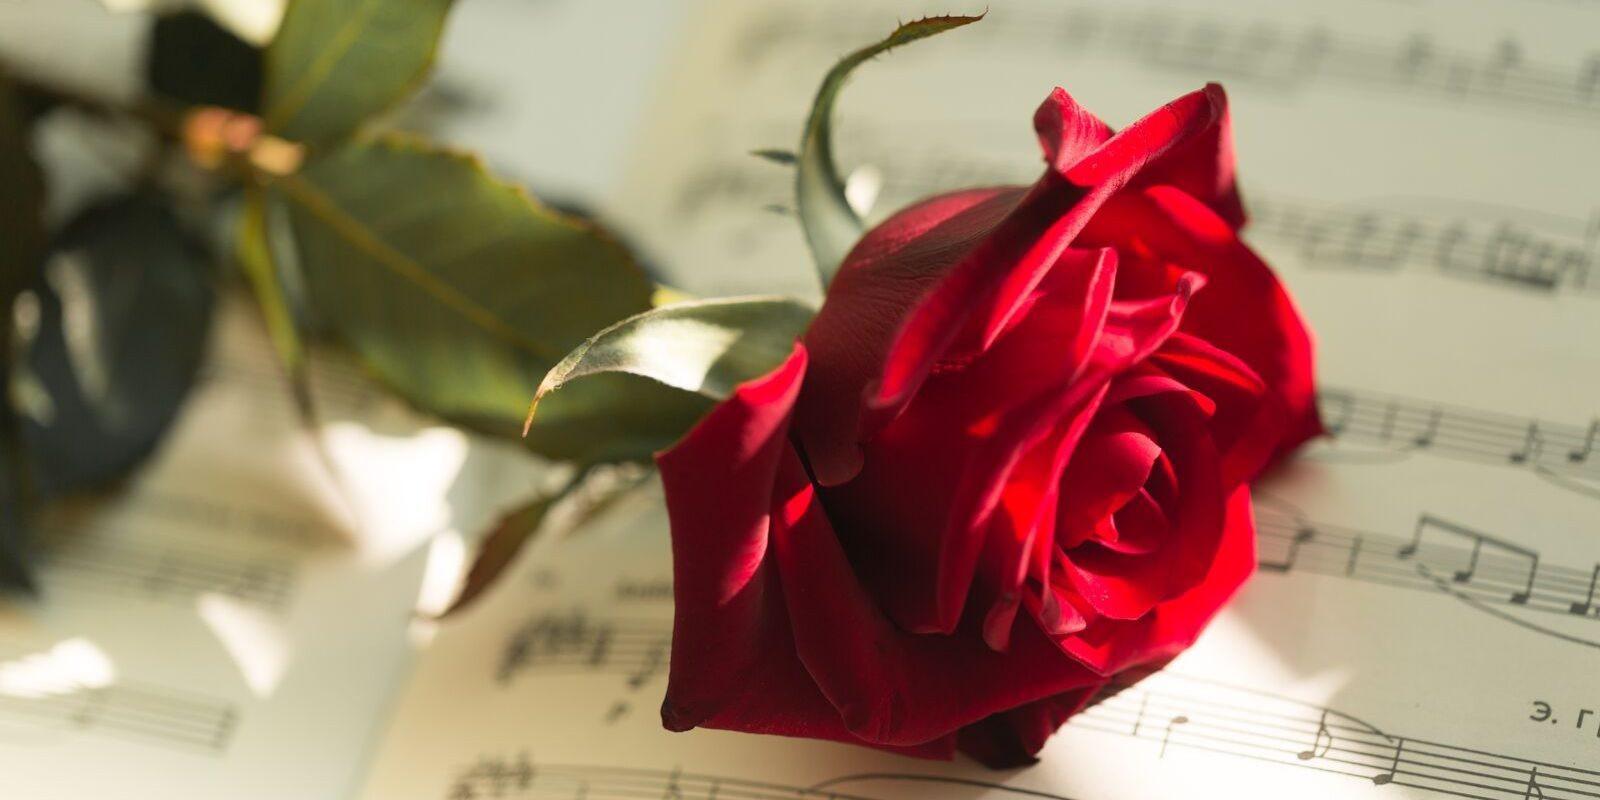 Los ramos de rosas rojas y sus leyendas